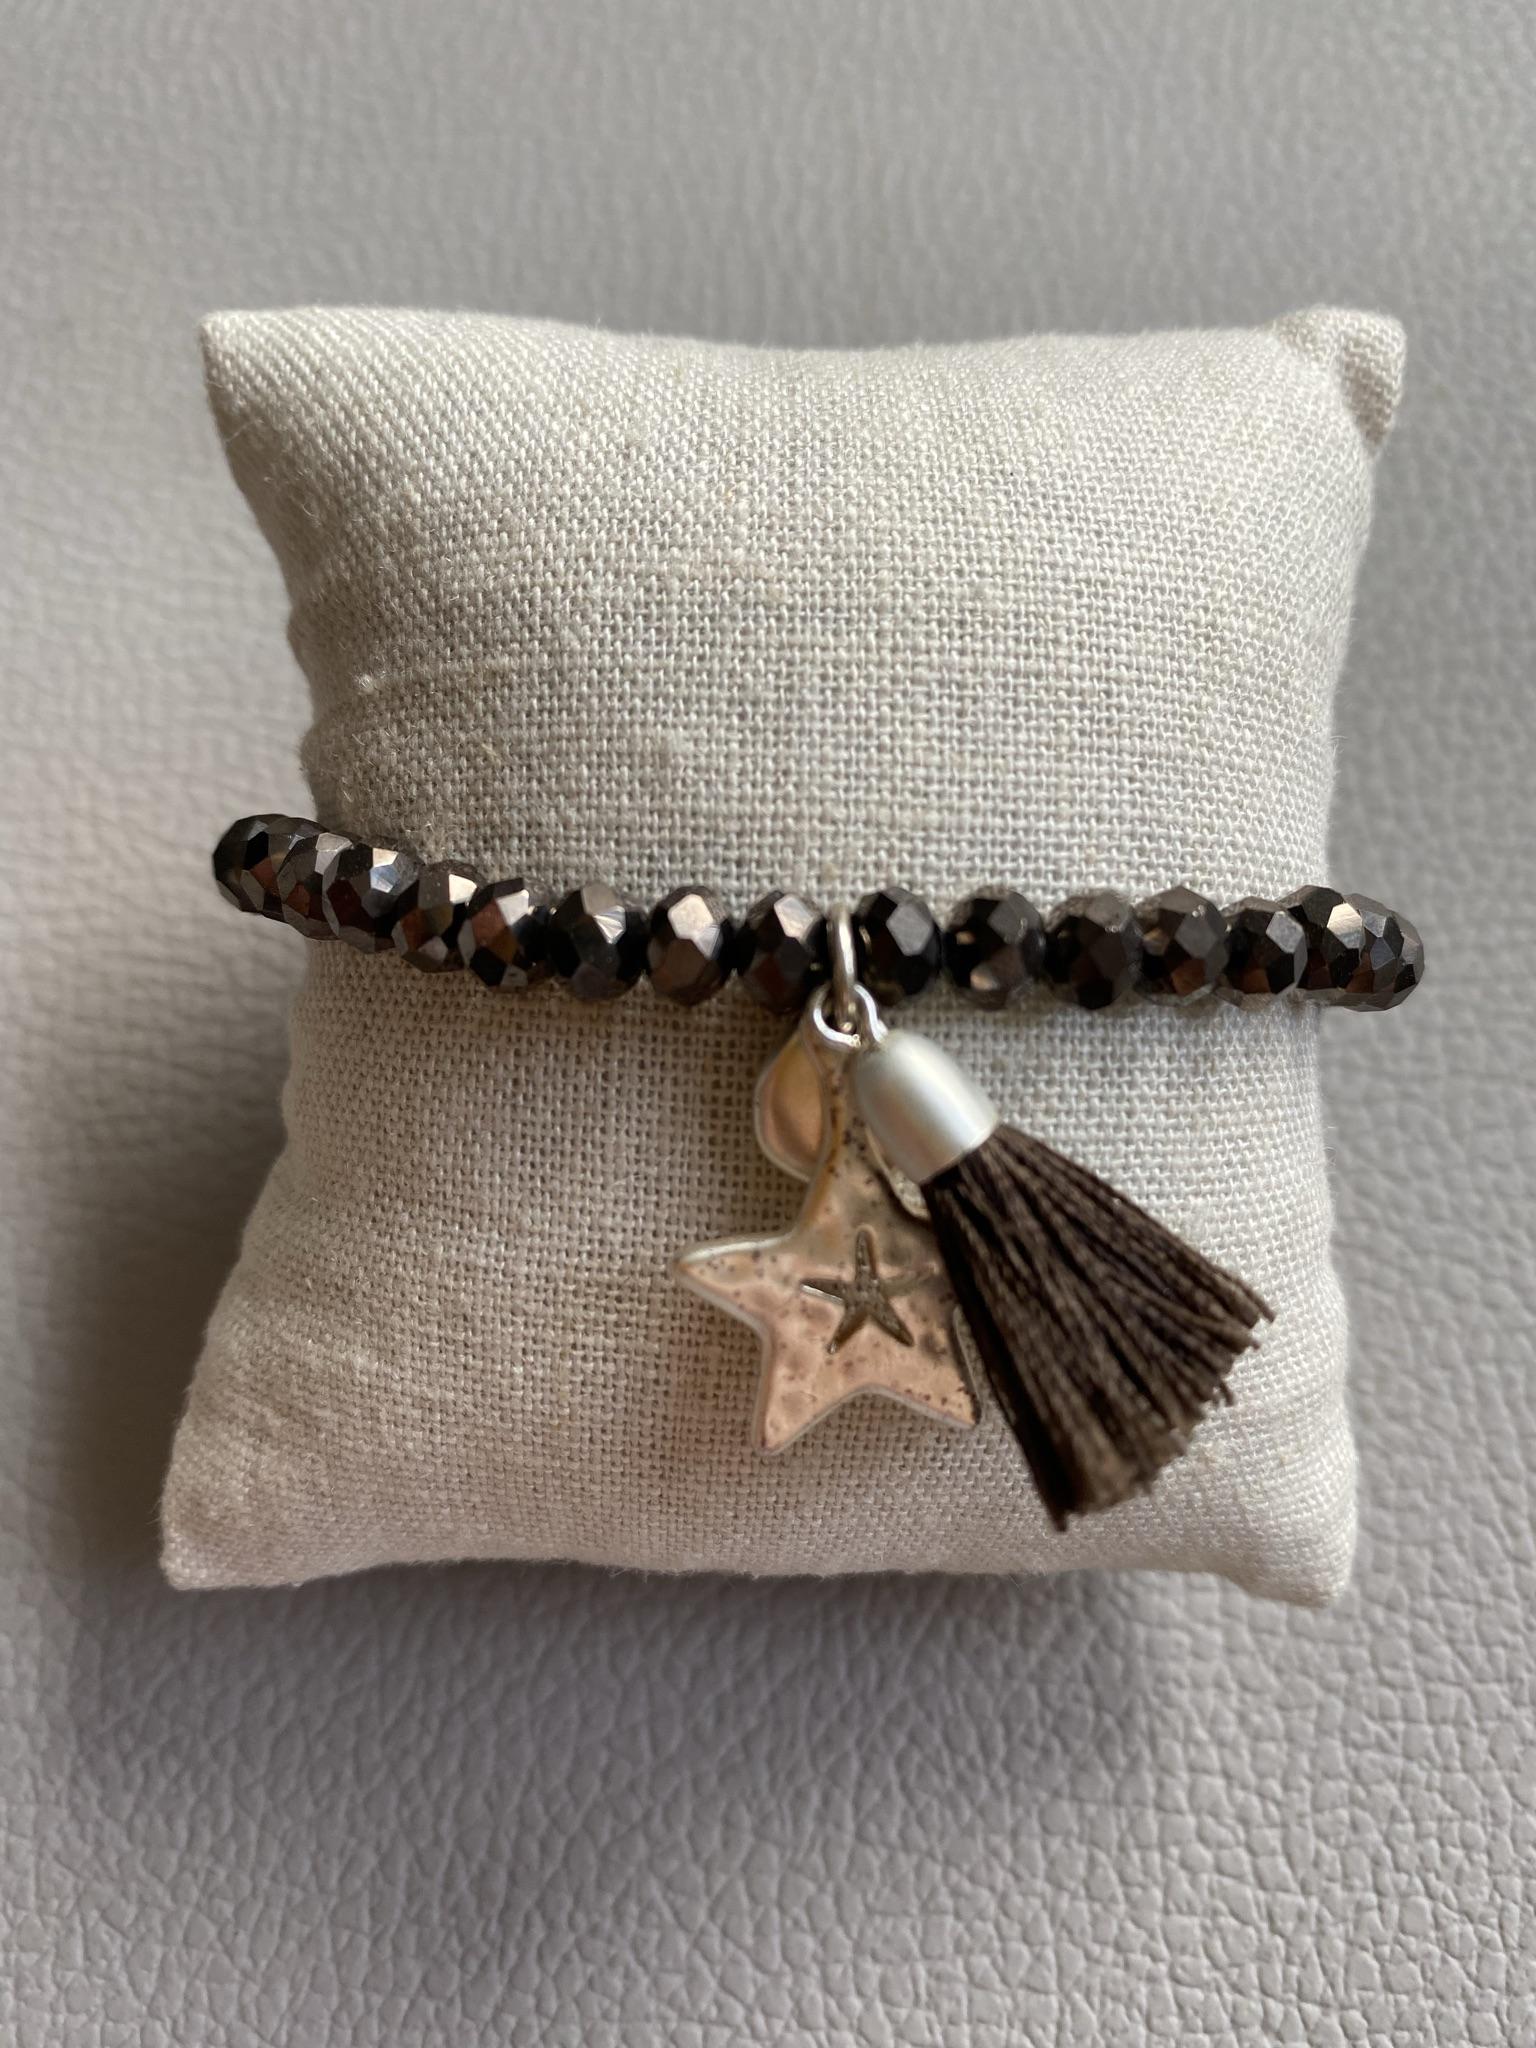 Biba Armband dunkelbraun silber mit Sternenanhänger